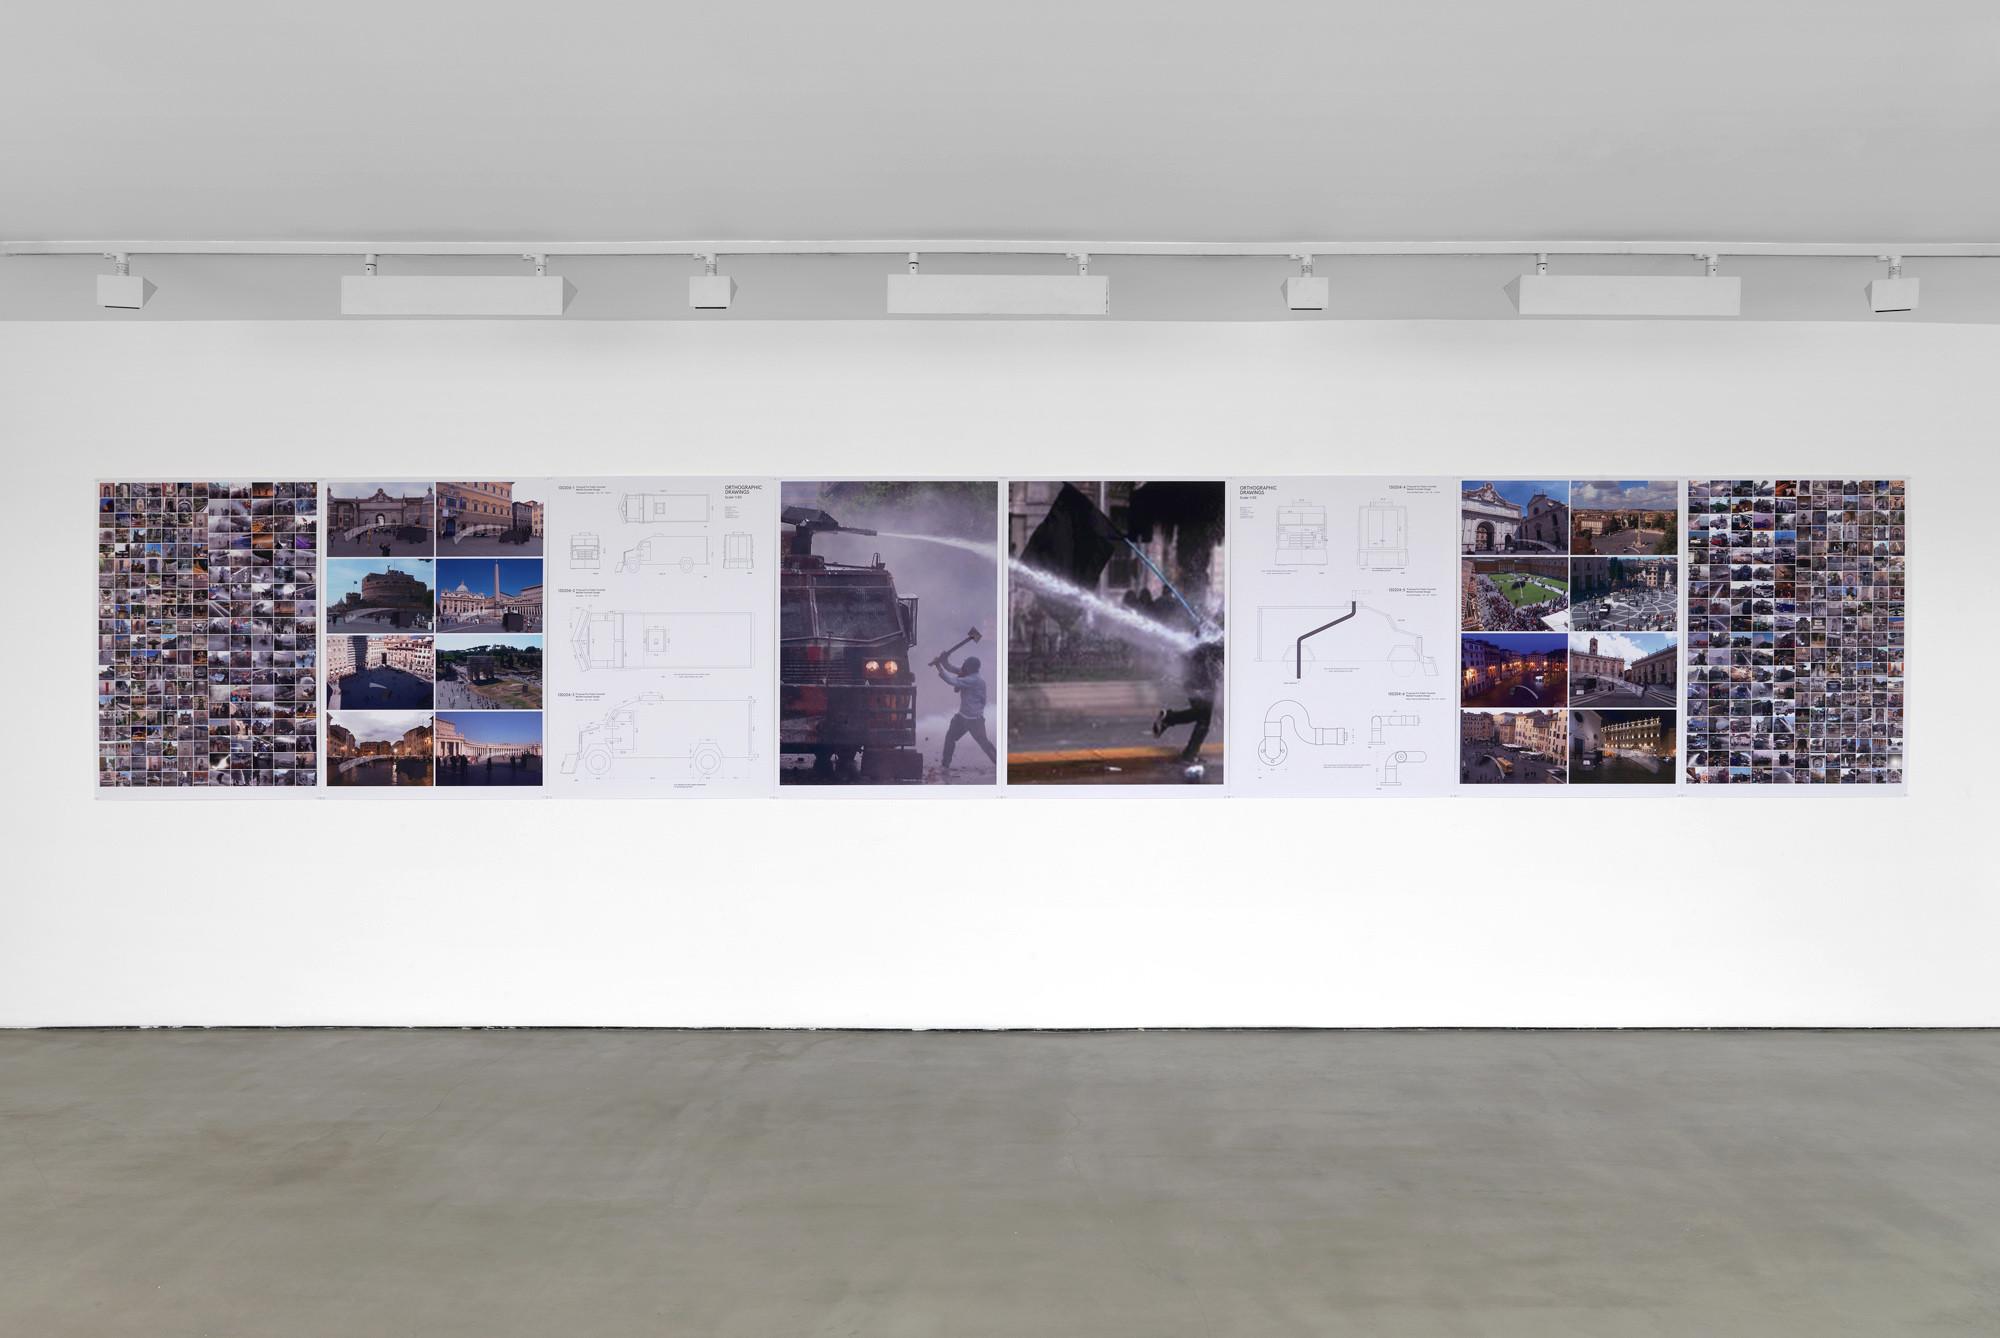 """<div class=""""artwork_caption""""><p>Study for Public Fountain (Rome), 2013</p></div>"""